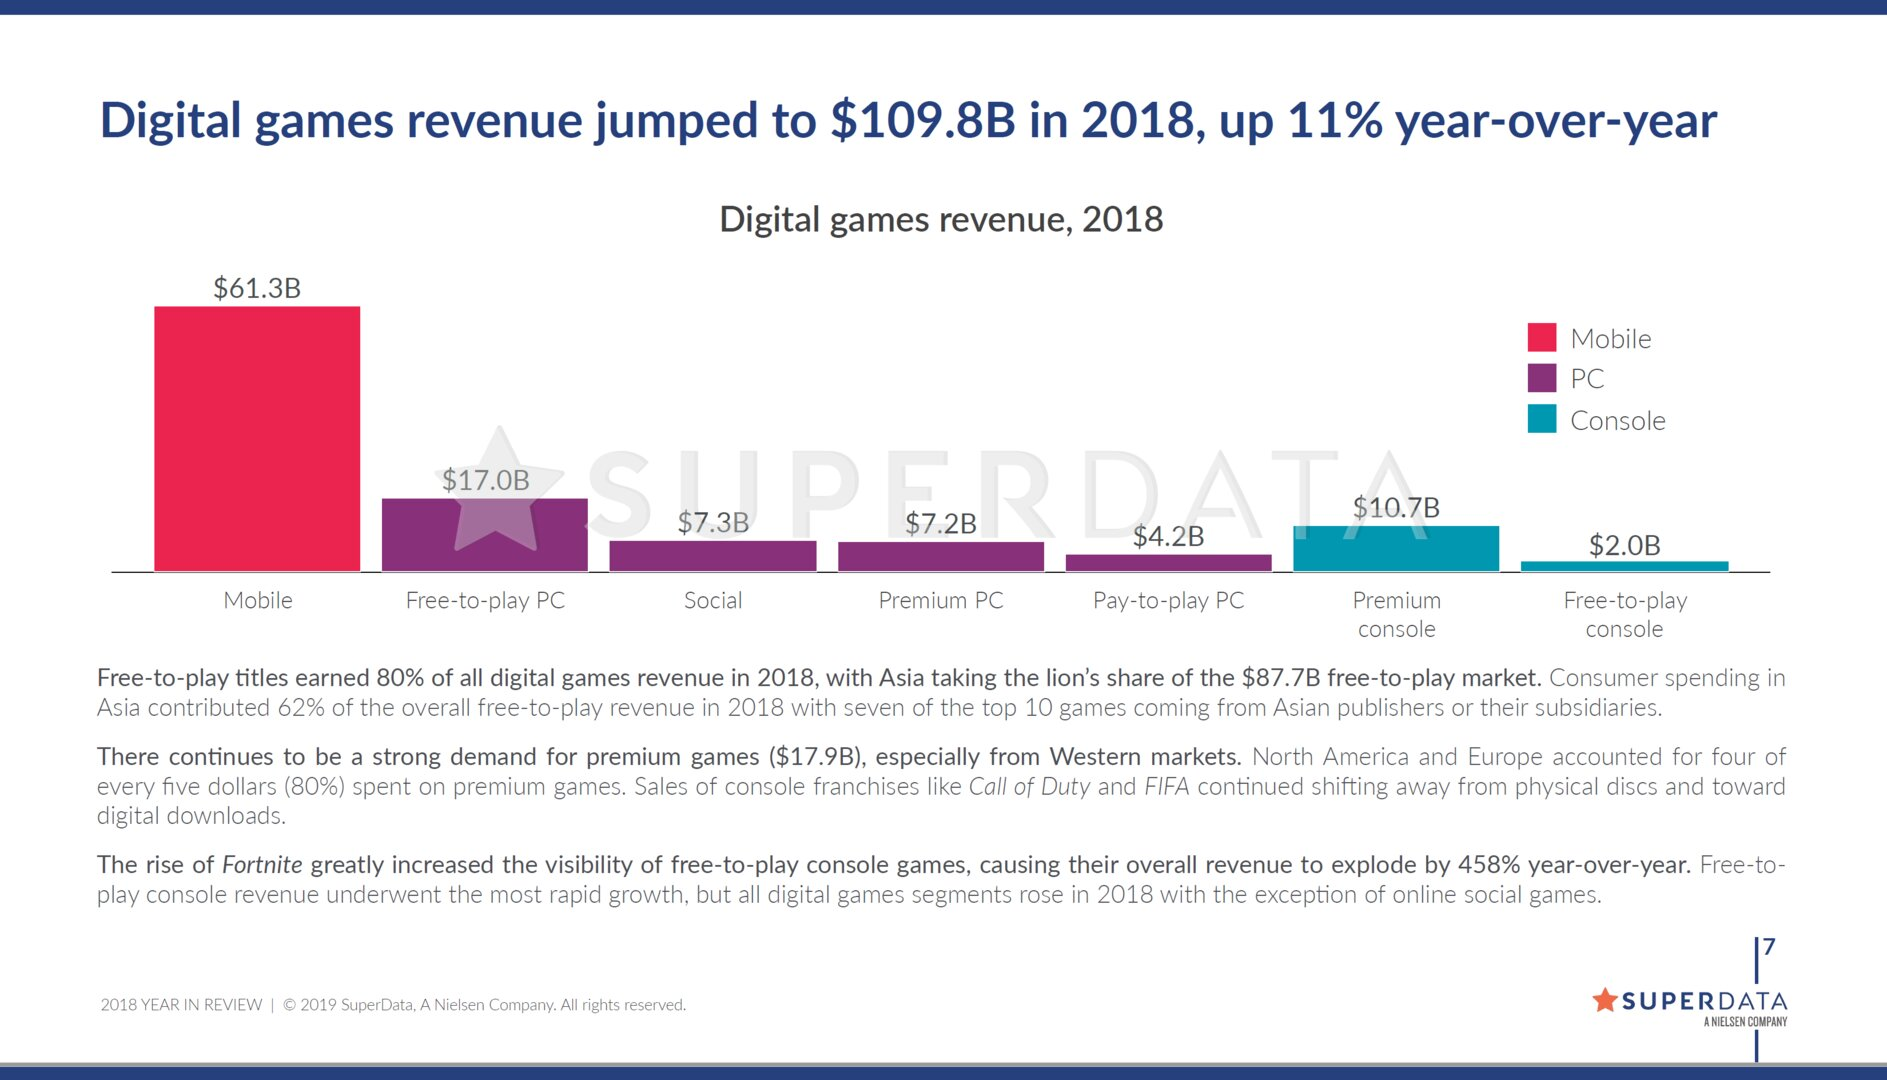 Umsatz mit Videospielen und multimedial-interaktiven Inhalten in 2018